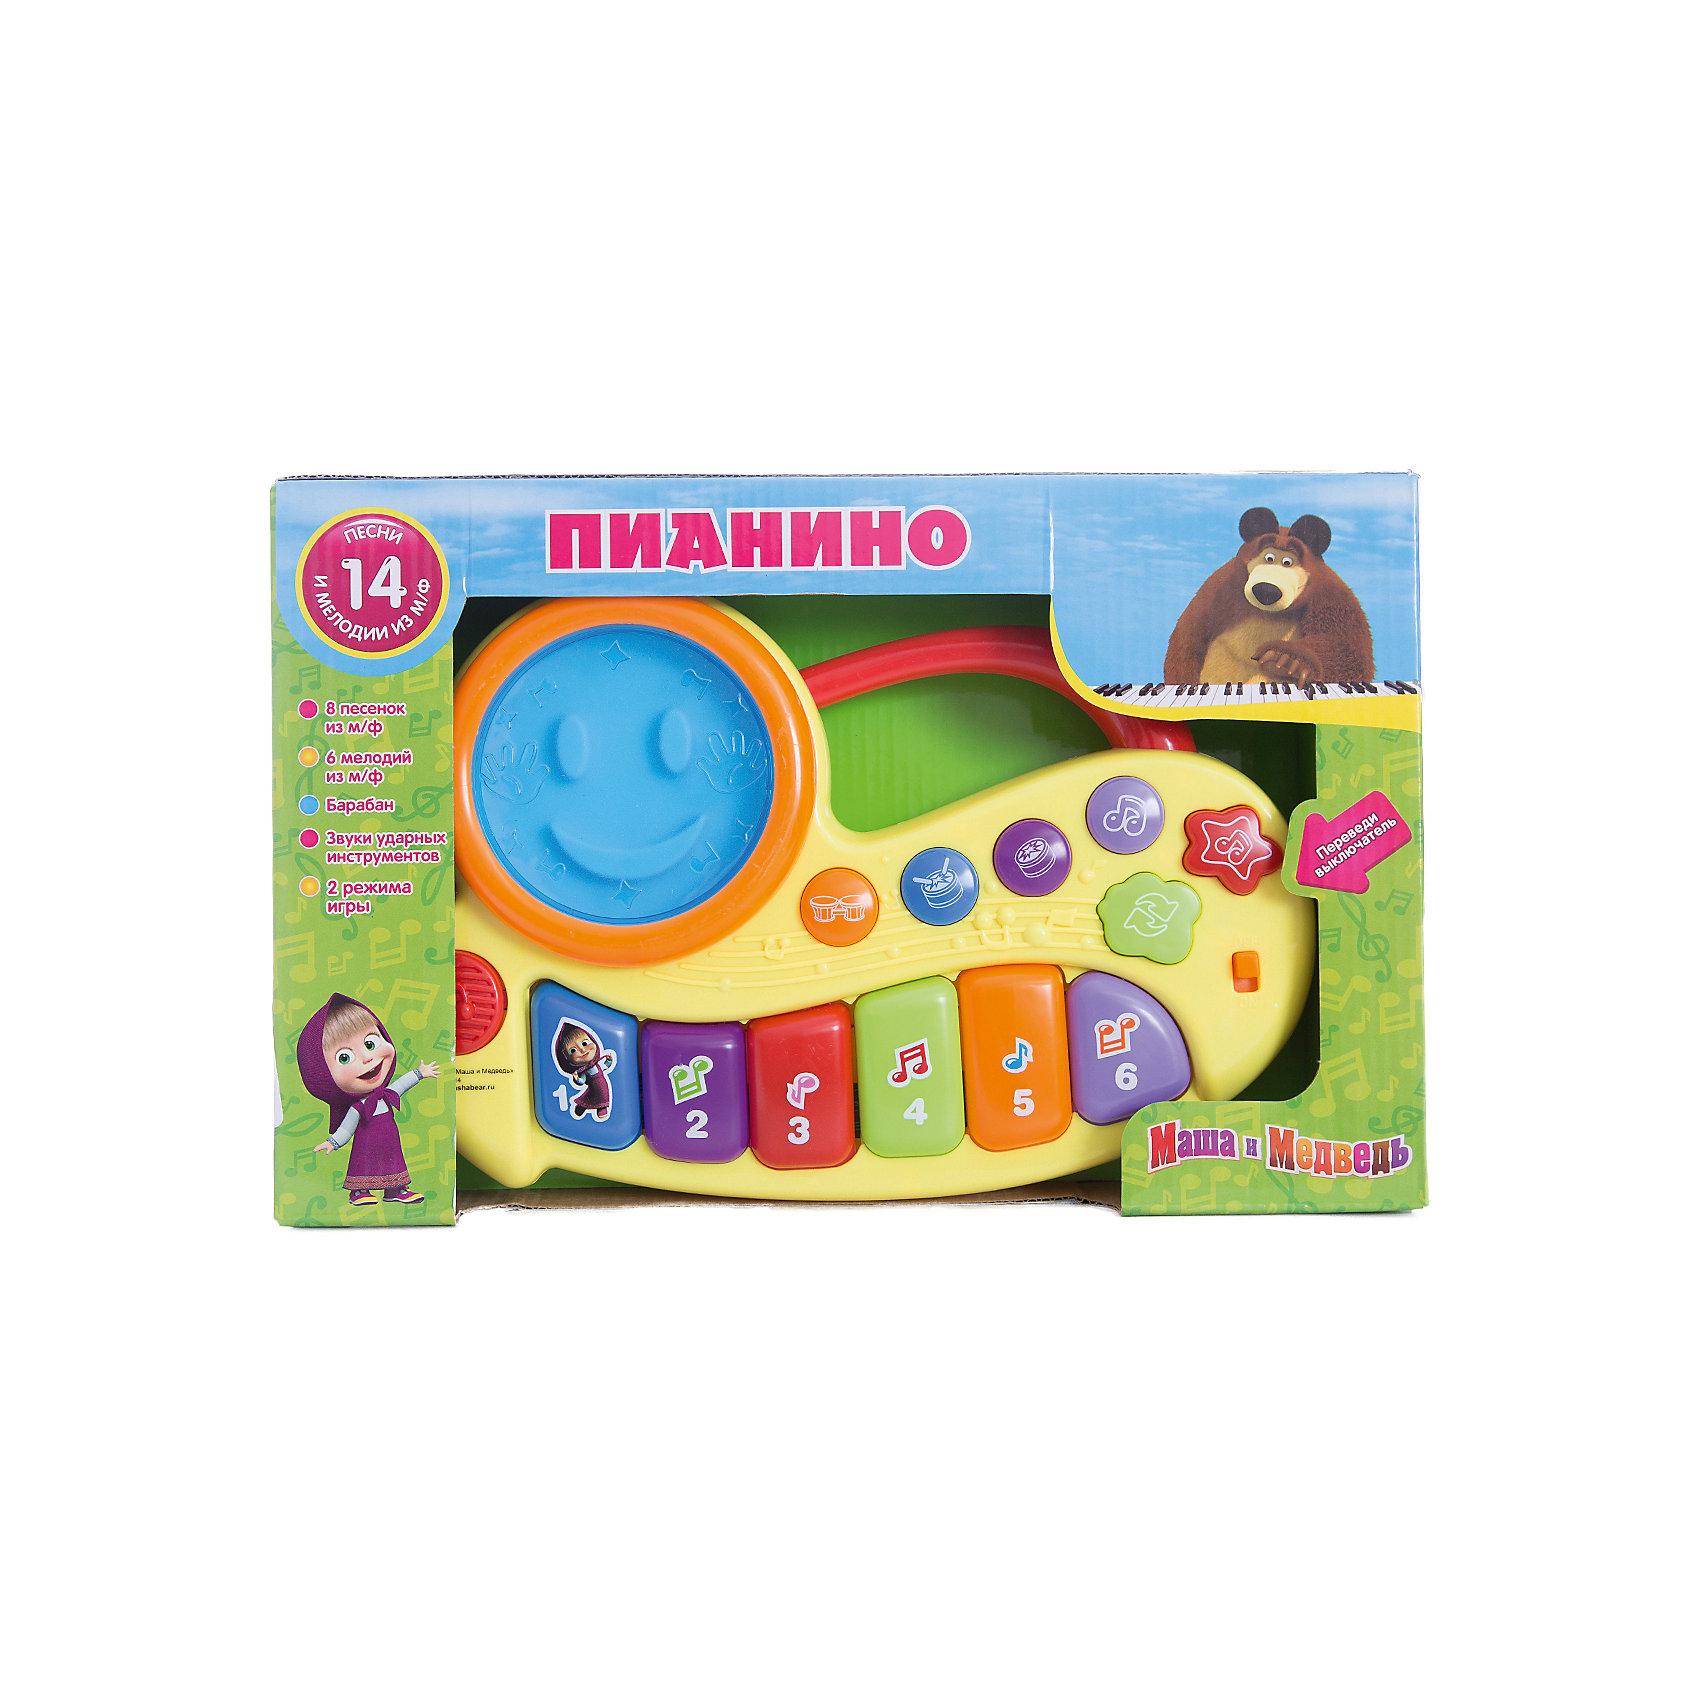 Пианино Маша и медведь, со светом, Играем вместеПианино Маша и медведь, со светом, Играем вместе. Теперь придумывать свою музыку стало еще интереснее, а герои любимого мультфильма Маша и Медведь помогут Вашему ребенку в этом! <br><br>Пианино имеет два режима работы:<br><br>- Режим проигрывания песенок. Нажимая на кнопочку, ребенок будет слышать песенку<br>- Режим свободной игры. Ребенок может самостоятельно придумывать свои мелодии, нажимая на клавиши.<br><br>Игрушка выполнена в ярких цветах, которые привлекут внимание вашего малыша.<br><br>Пианино «Маша и Медведь» станет прекрасным подарком для самых маленьких!<br><br>Дополнительная информация:<br><br>- Материал: высококачественная пластмасса<br>- Размеры упаковки(ДхШхВ): 5 x 21 x 33 см<br>- Вес: 470 г.<br>- Размер коробки: 33х21х5 см<br>- Работает от 3 батареек типа АА (в комплект не входят)<br><br>Игрушку Пианино Маша и медведь, со светом, Играем вместе можно купить в нашем интернет-магазине.<br><br>Ширина мм: 50<br>Глубина мм: 210<br>Высота мм: 330<br>Вес г: 470<br>Возраст от месяцев: 36<br>Возраст до месяцев: 1188<br>Пол: Унисекс<br>Возраст: Детский<br>SKU: 3482909